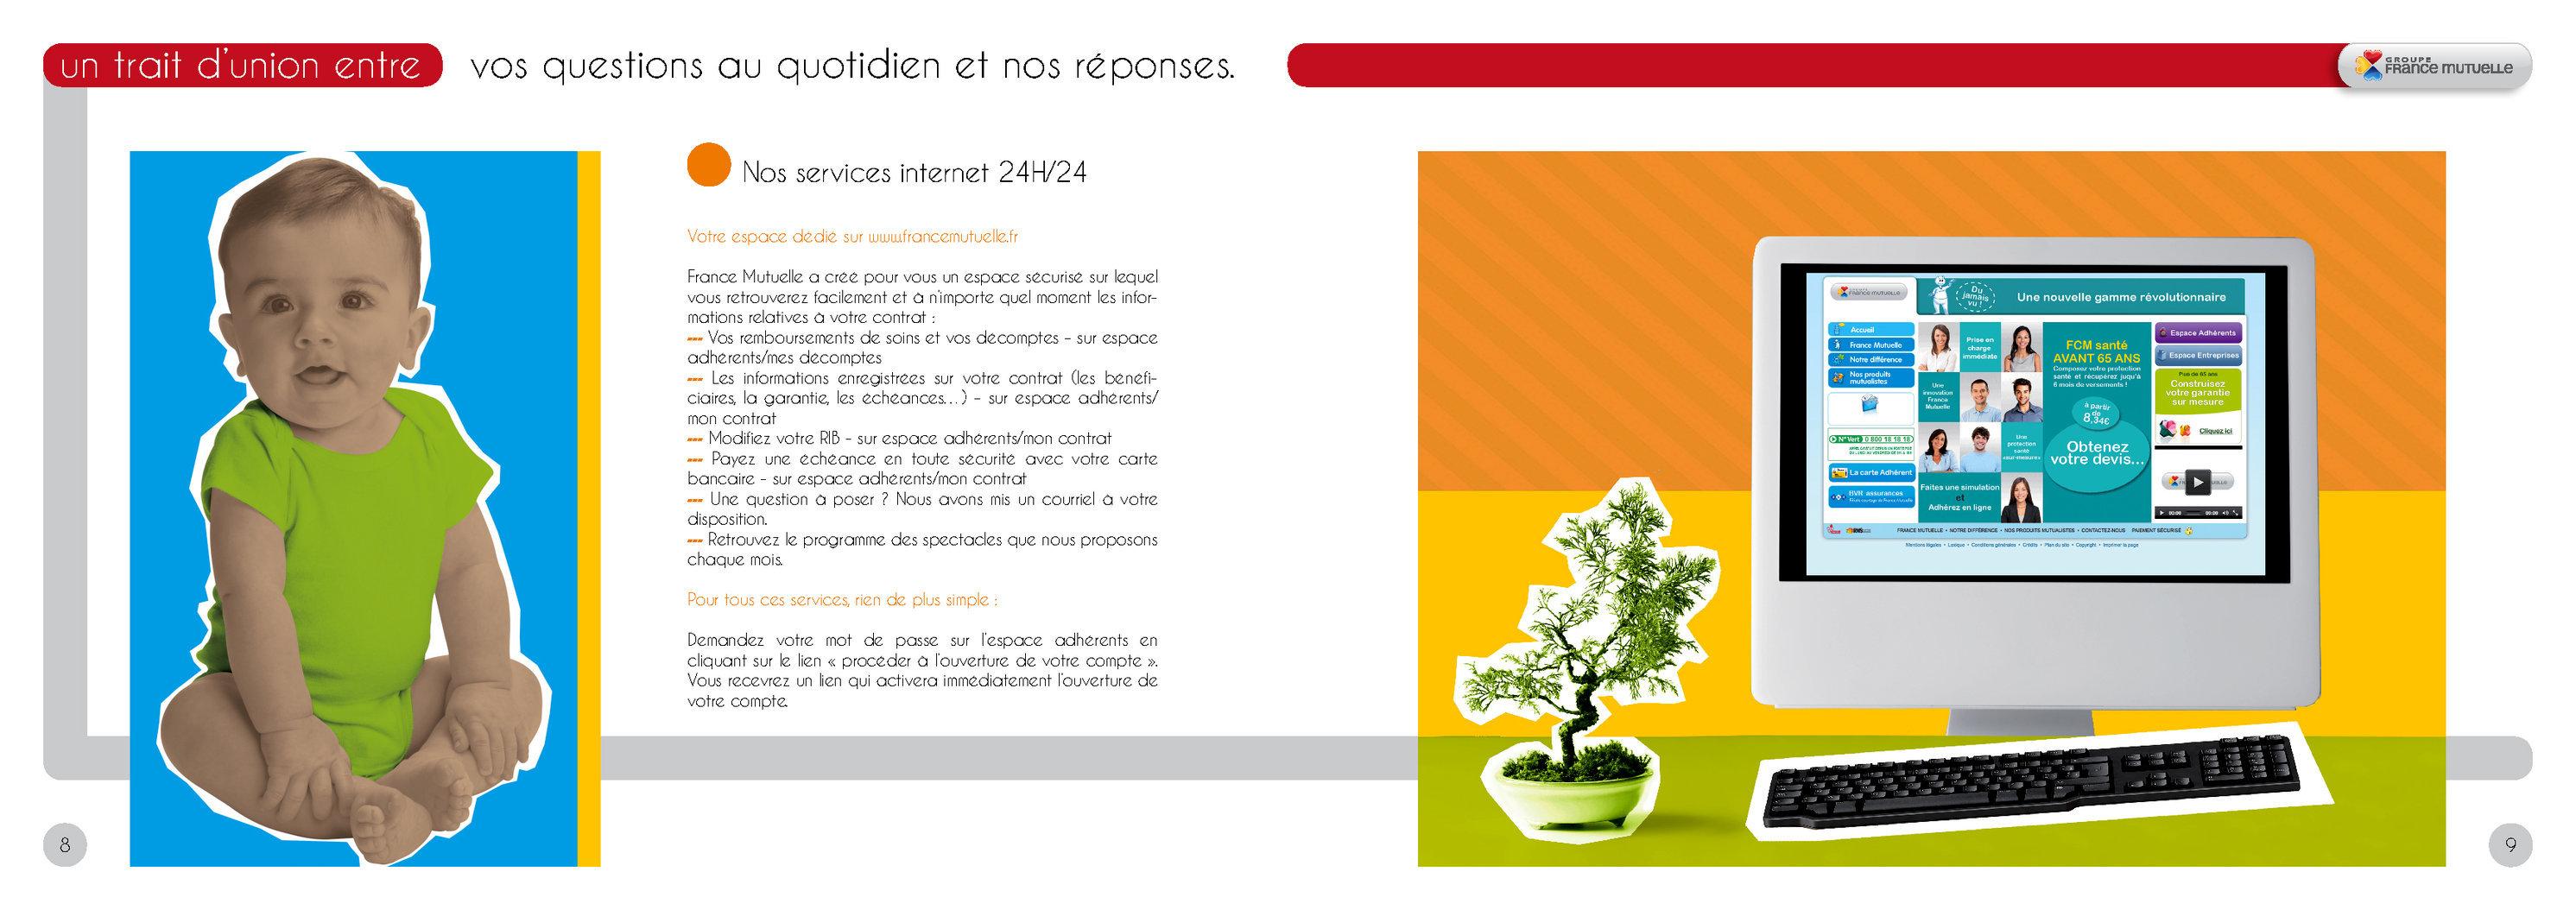 """<font color=""""#aaa7a6"""">Catalogue, maquette (5/6).</font>"""